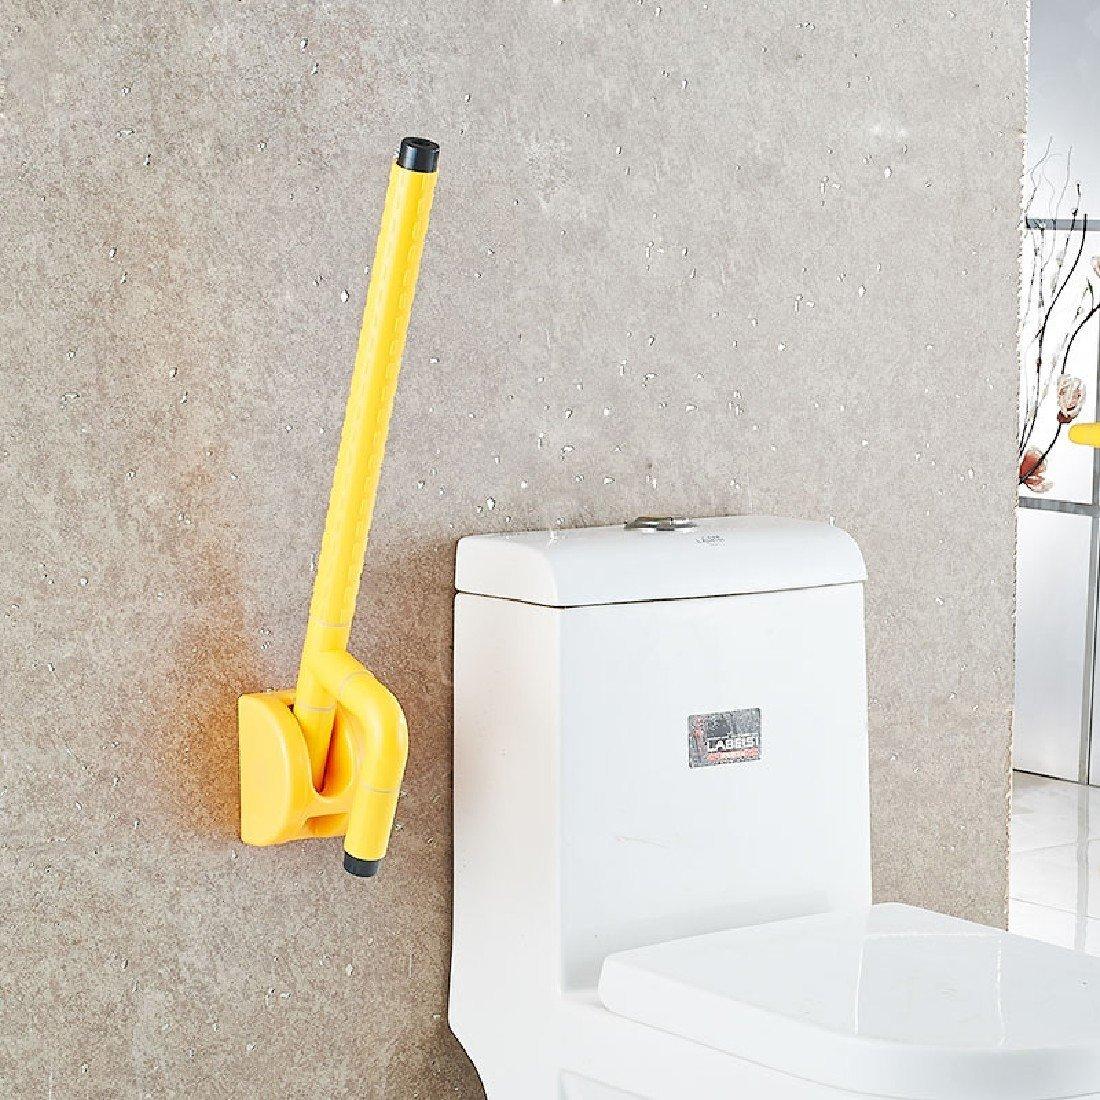 Reducción de precio SDKKY bagno antiscivolo bracciolo Baño sin barreras WC reposabrazos se Pueden Plegar en la Vuelta de los Ancianos discapacitados barandillas de Seguridad con Muelle de 70 cm.